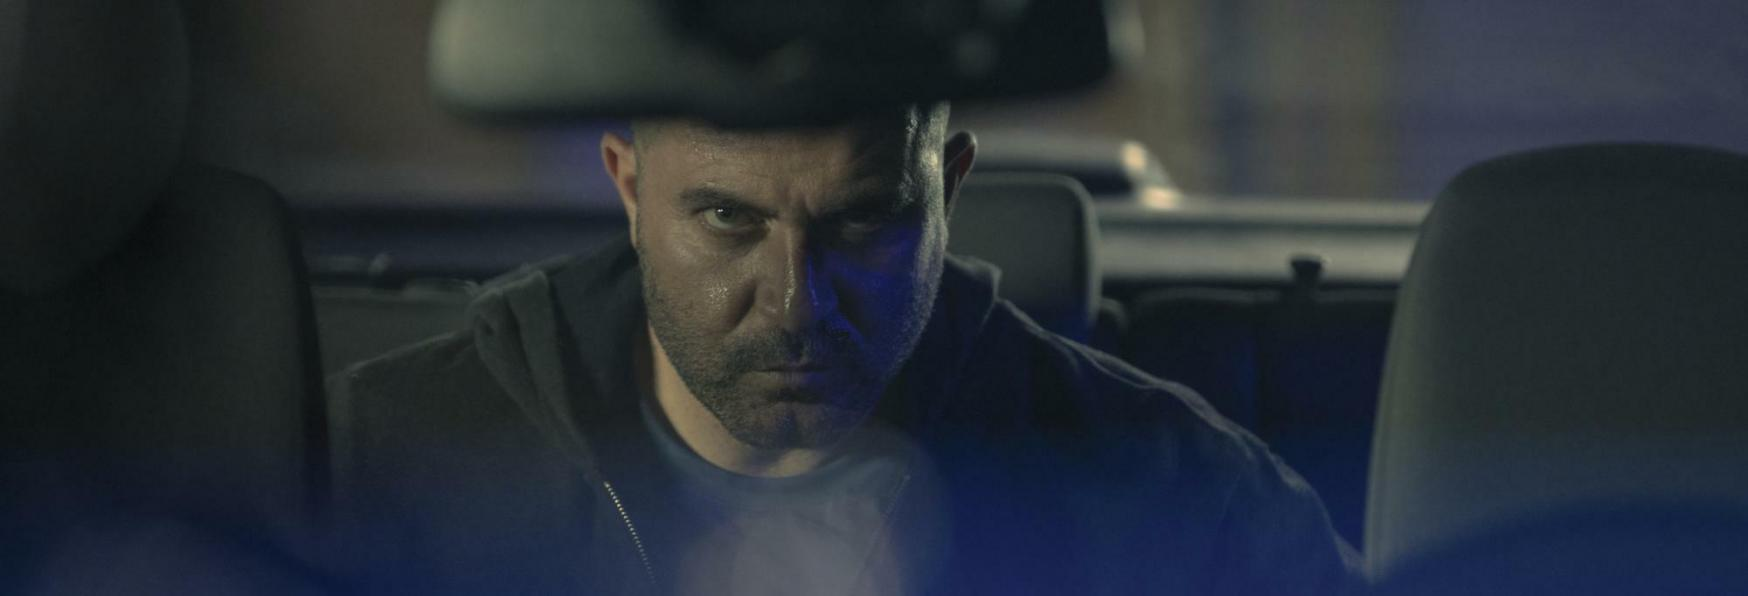 Hit & Run: Trama, Cast, Data di Uscita e Trailer della nuova Serie TV targata Netflix